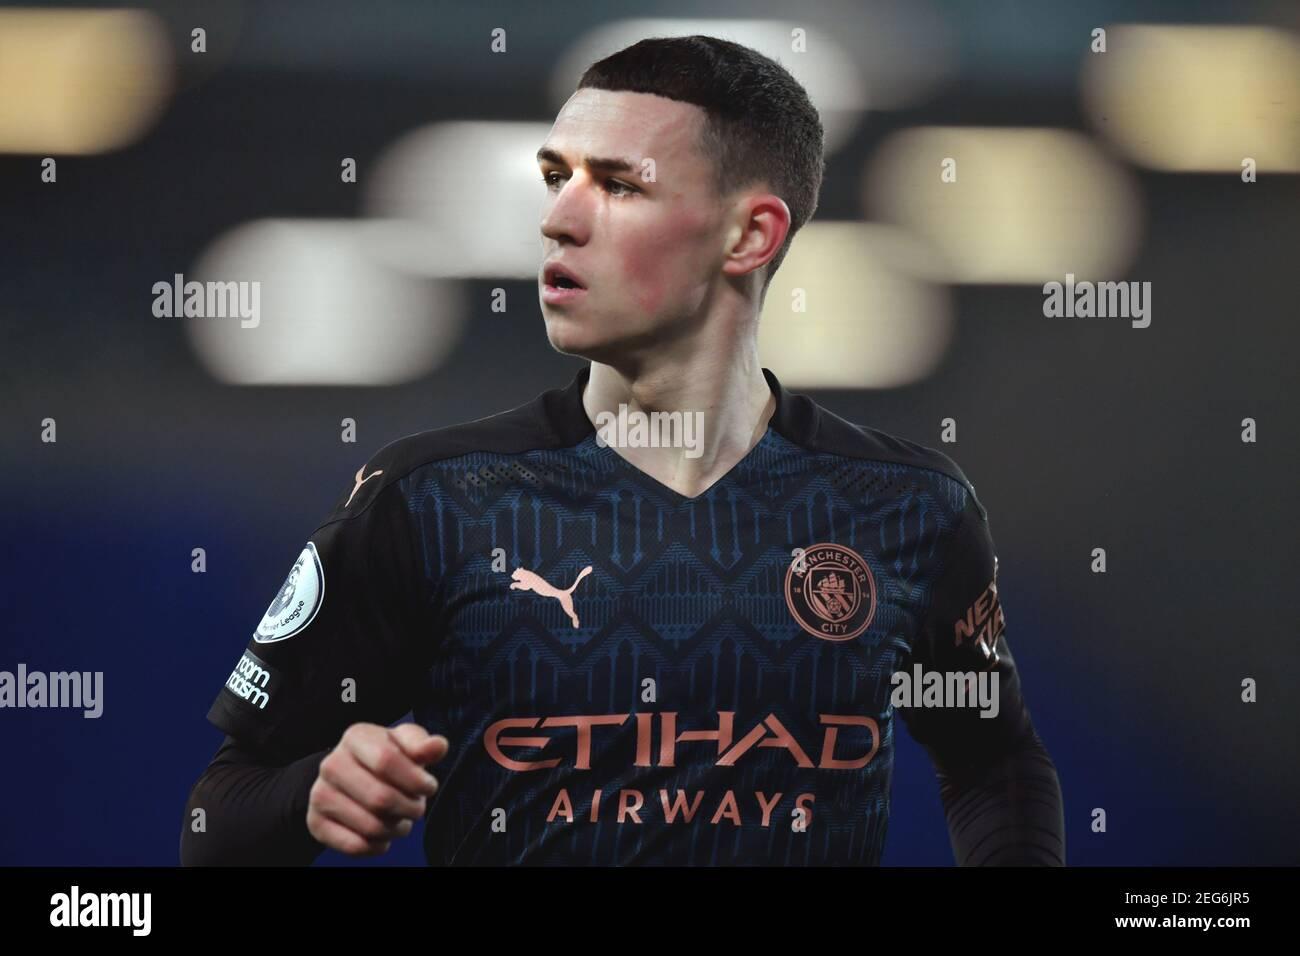 Liverpool, Großbritannien, 17th. Februar 2021. Phil Foden von Manchester City. Kredit: Anthony Devlin/Alamy Live Nachrichten Stockfoto